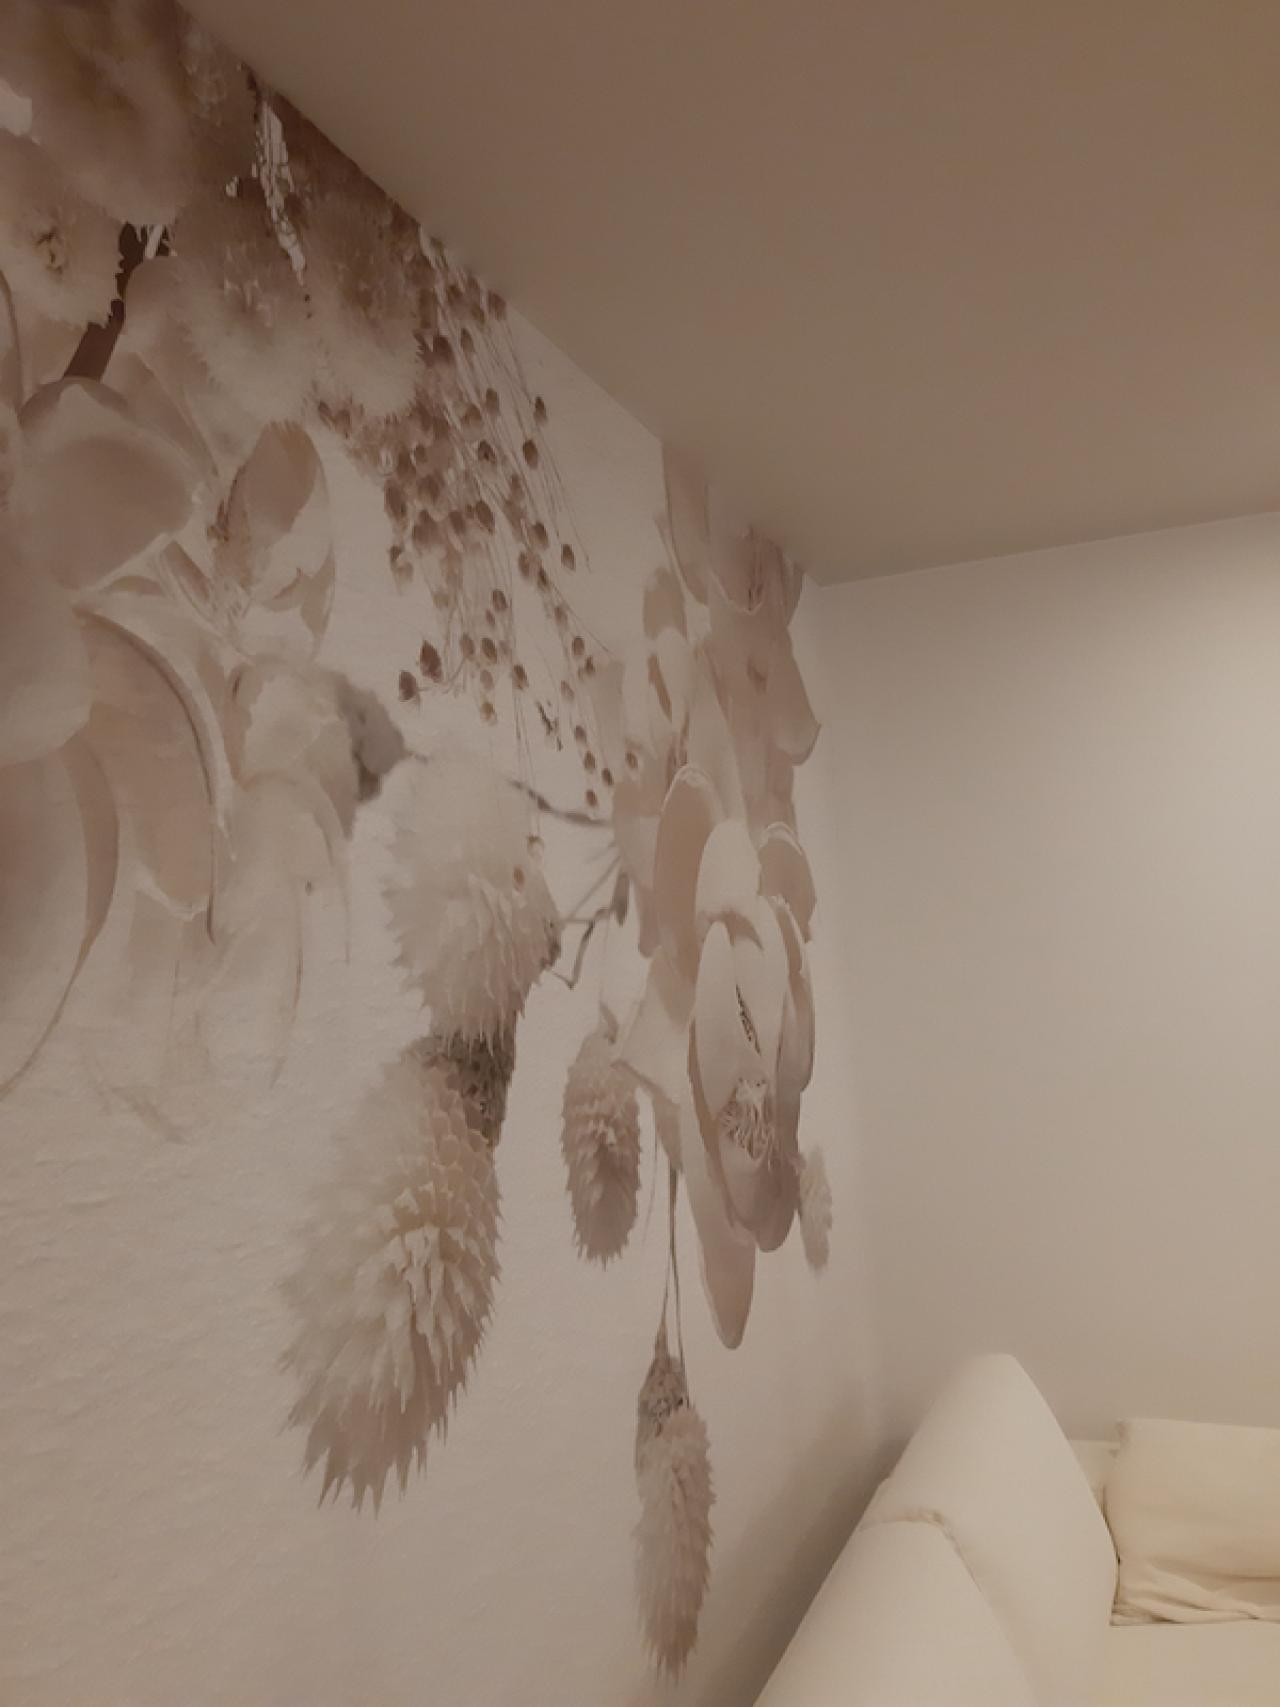 Carta da parati 3D, rimodernare un soggiorno a Vicenza ...